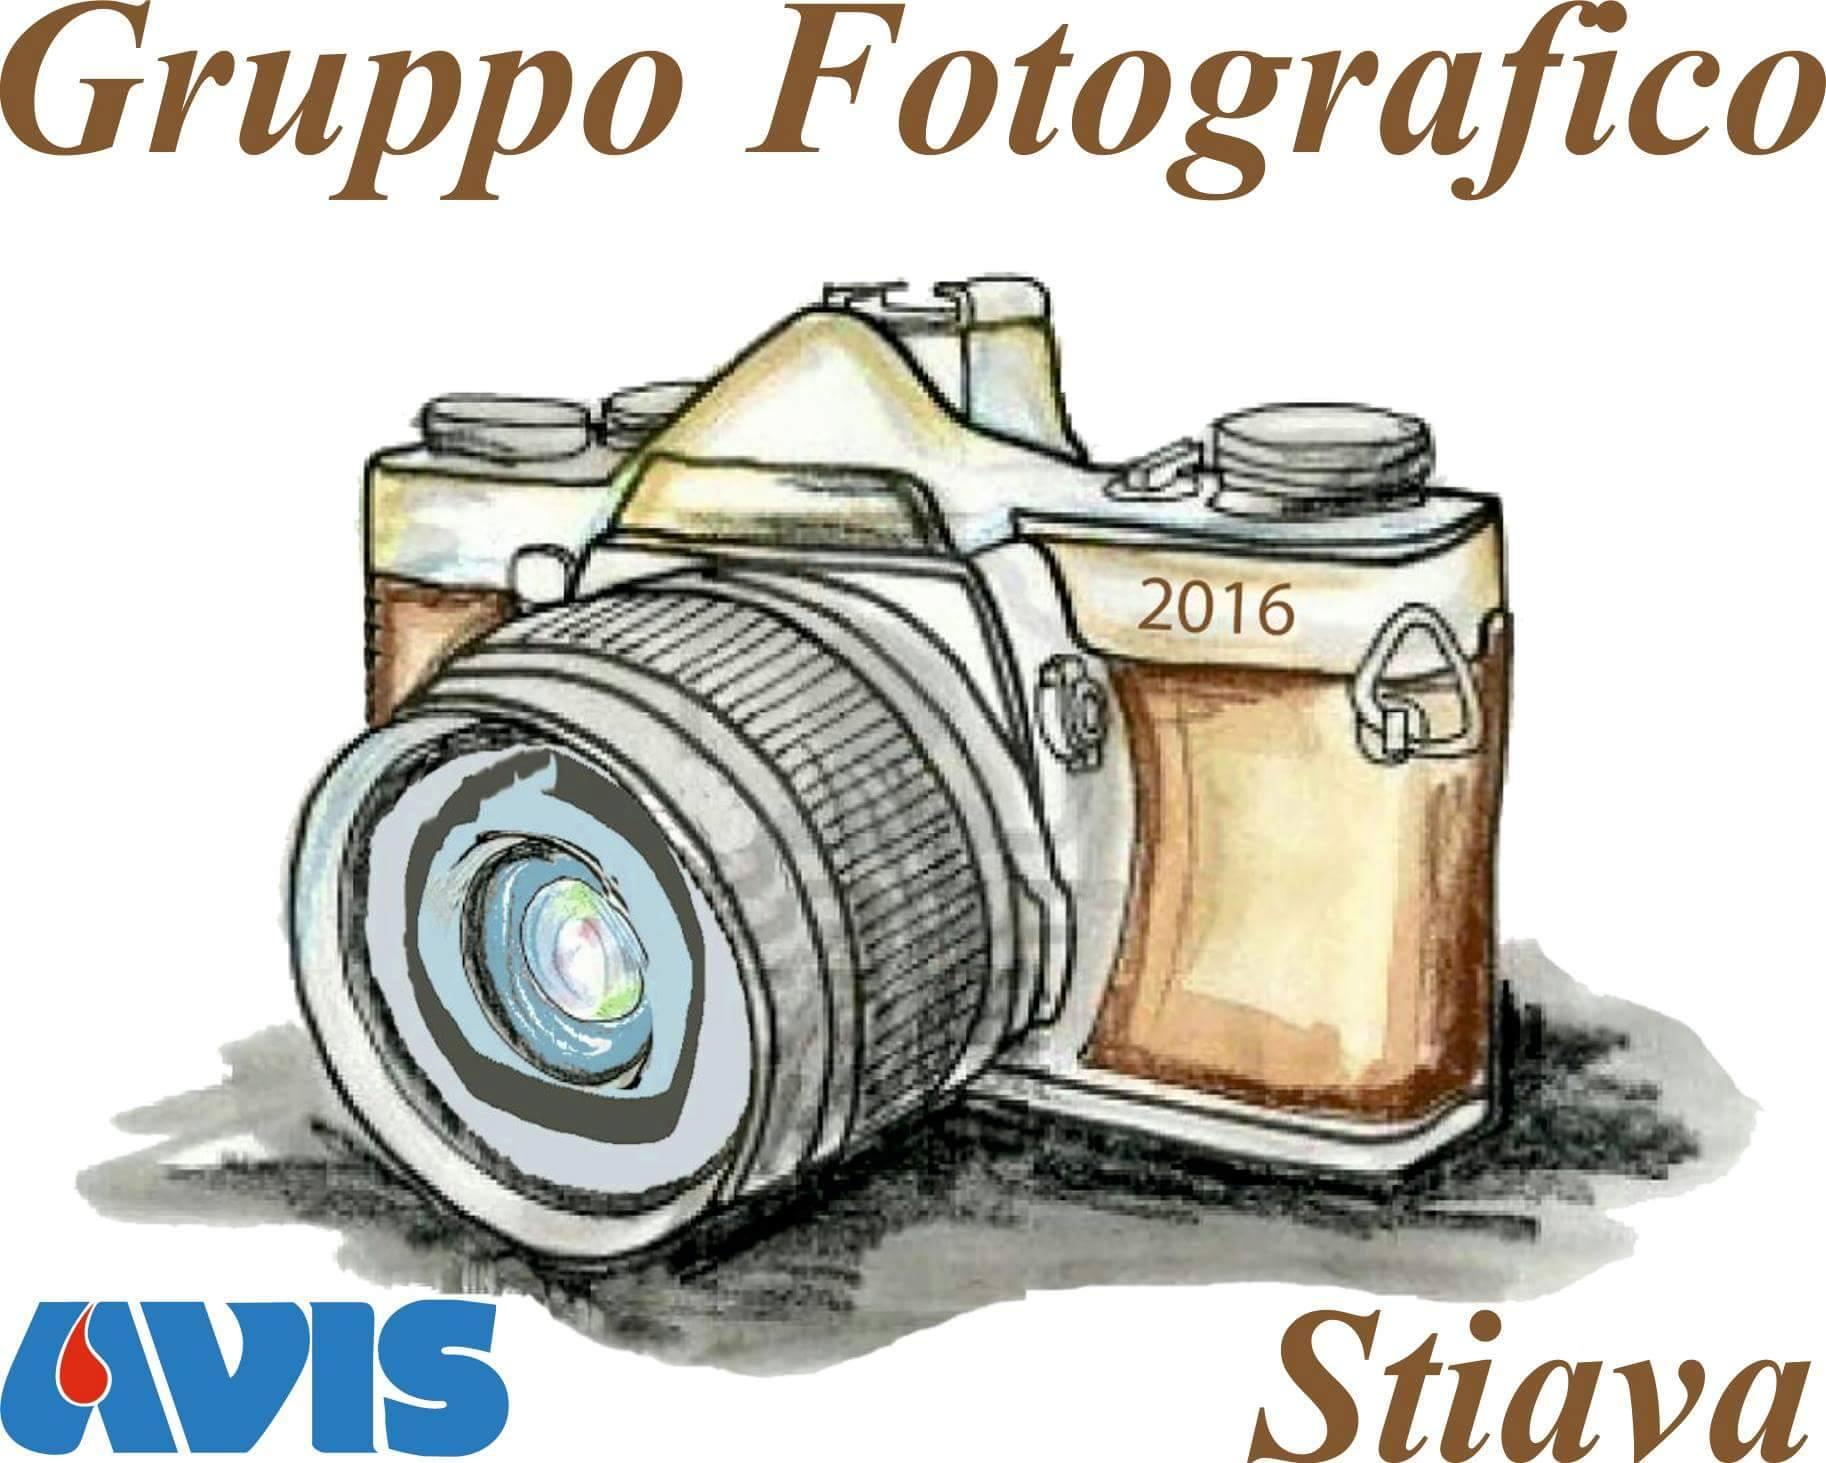 Mostra fotografica collettiva a Stiava